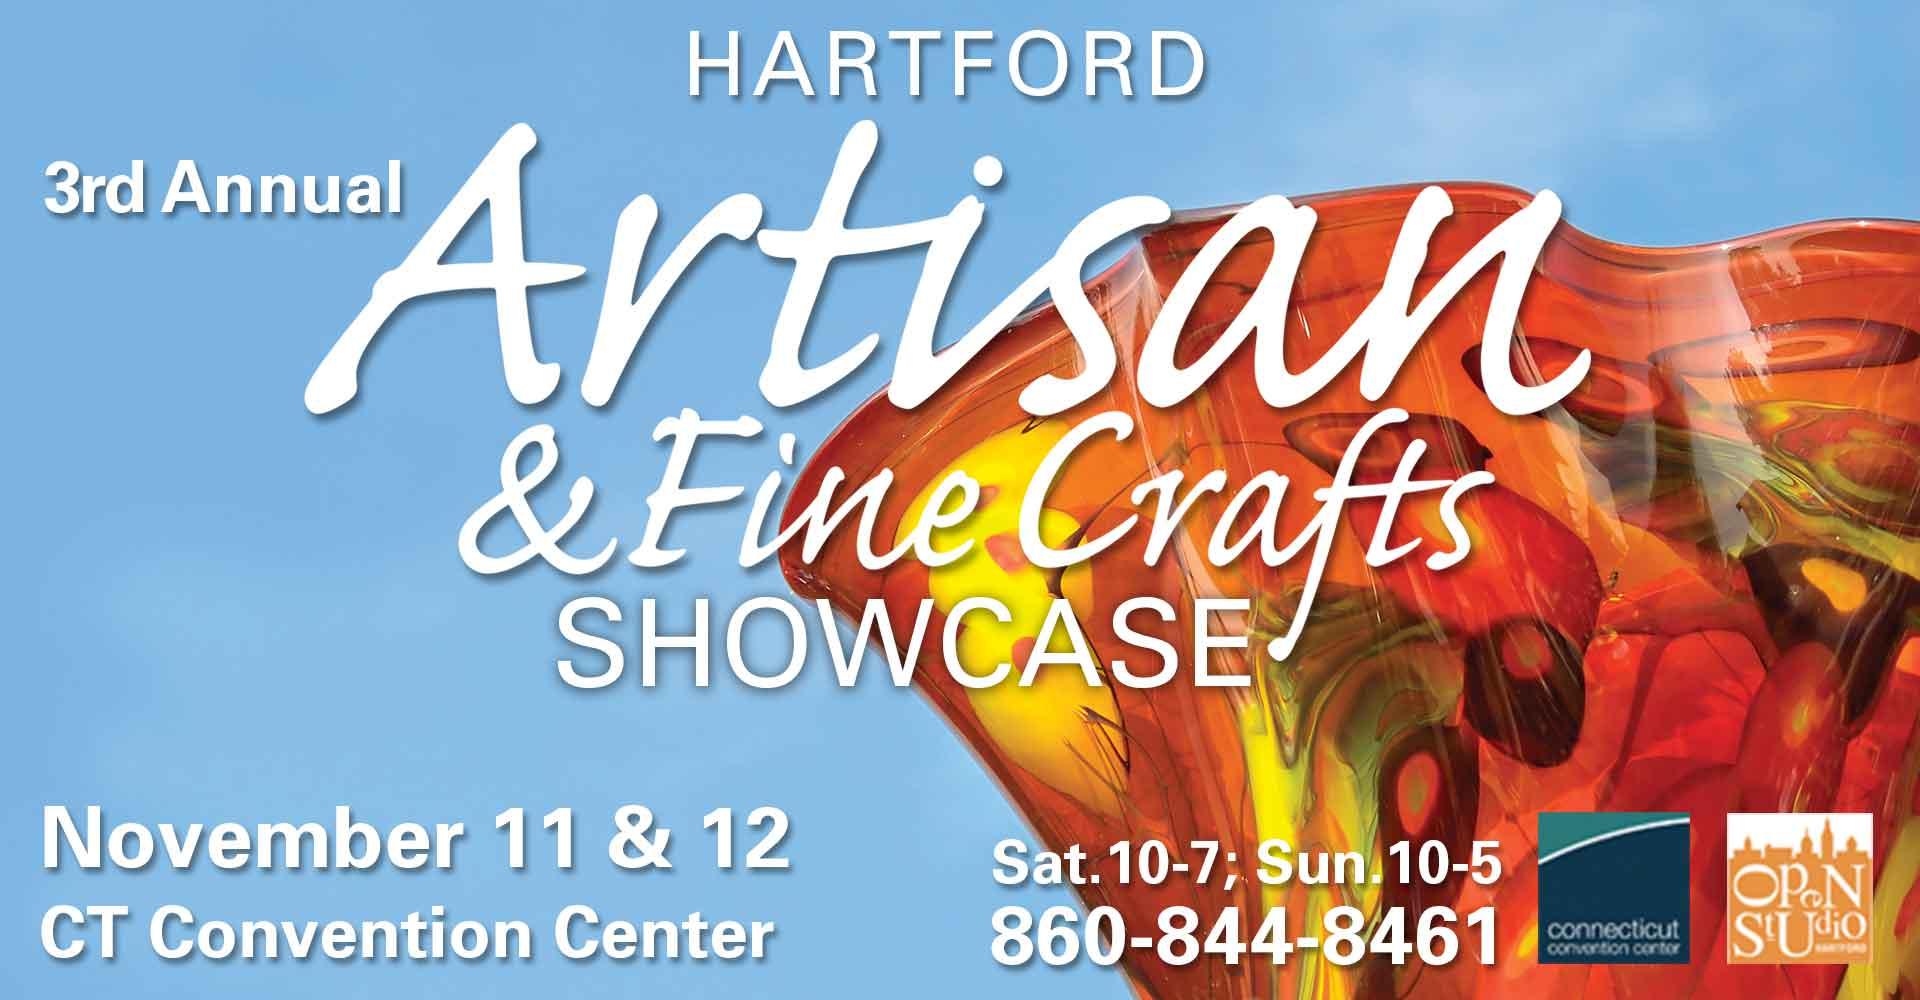 Hartford Artisan Fine Crafts Showcase